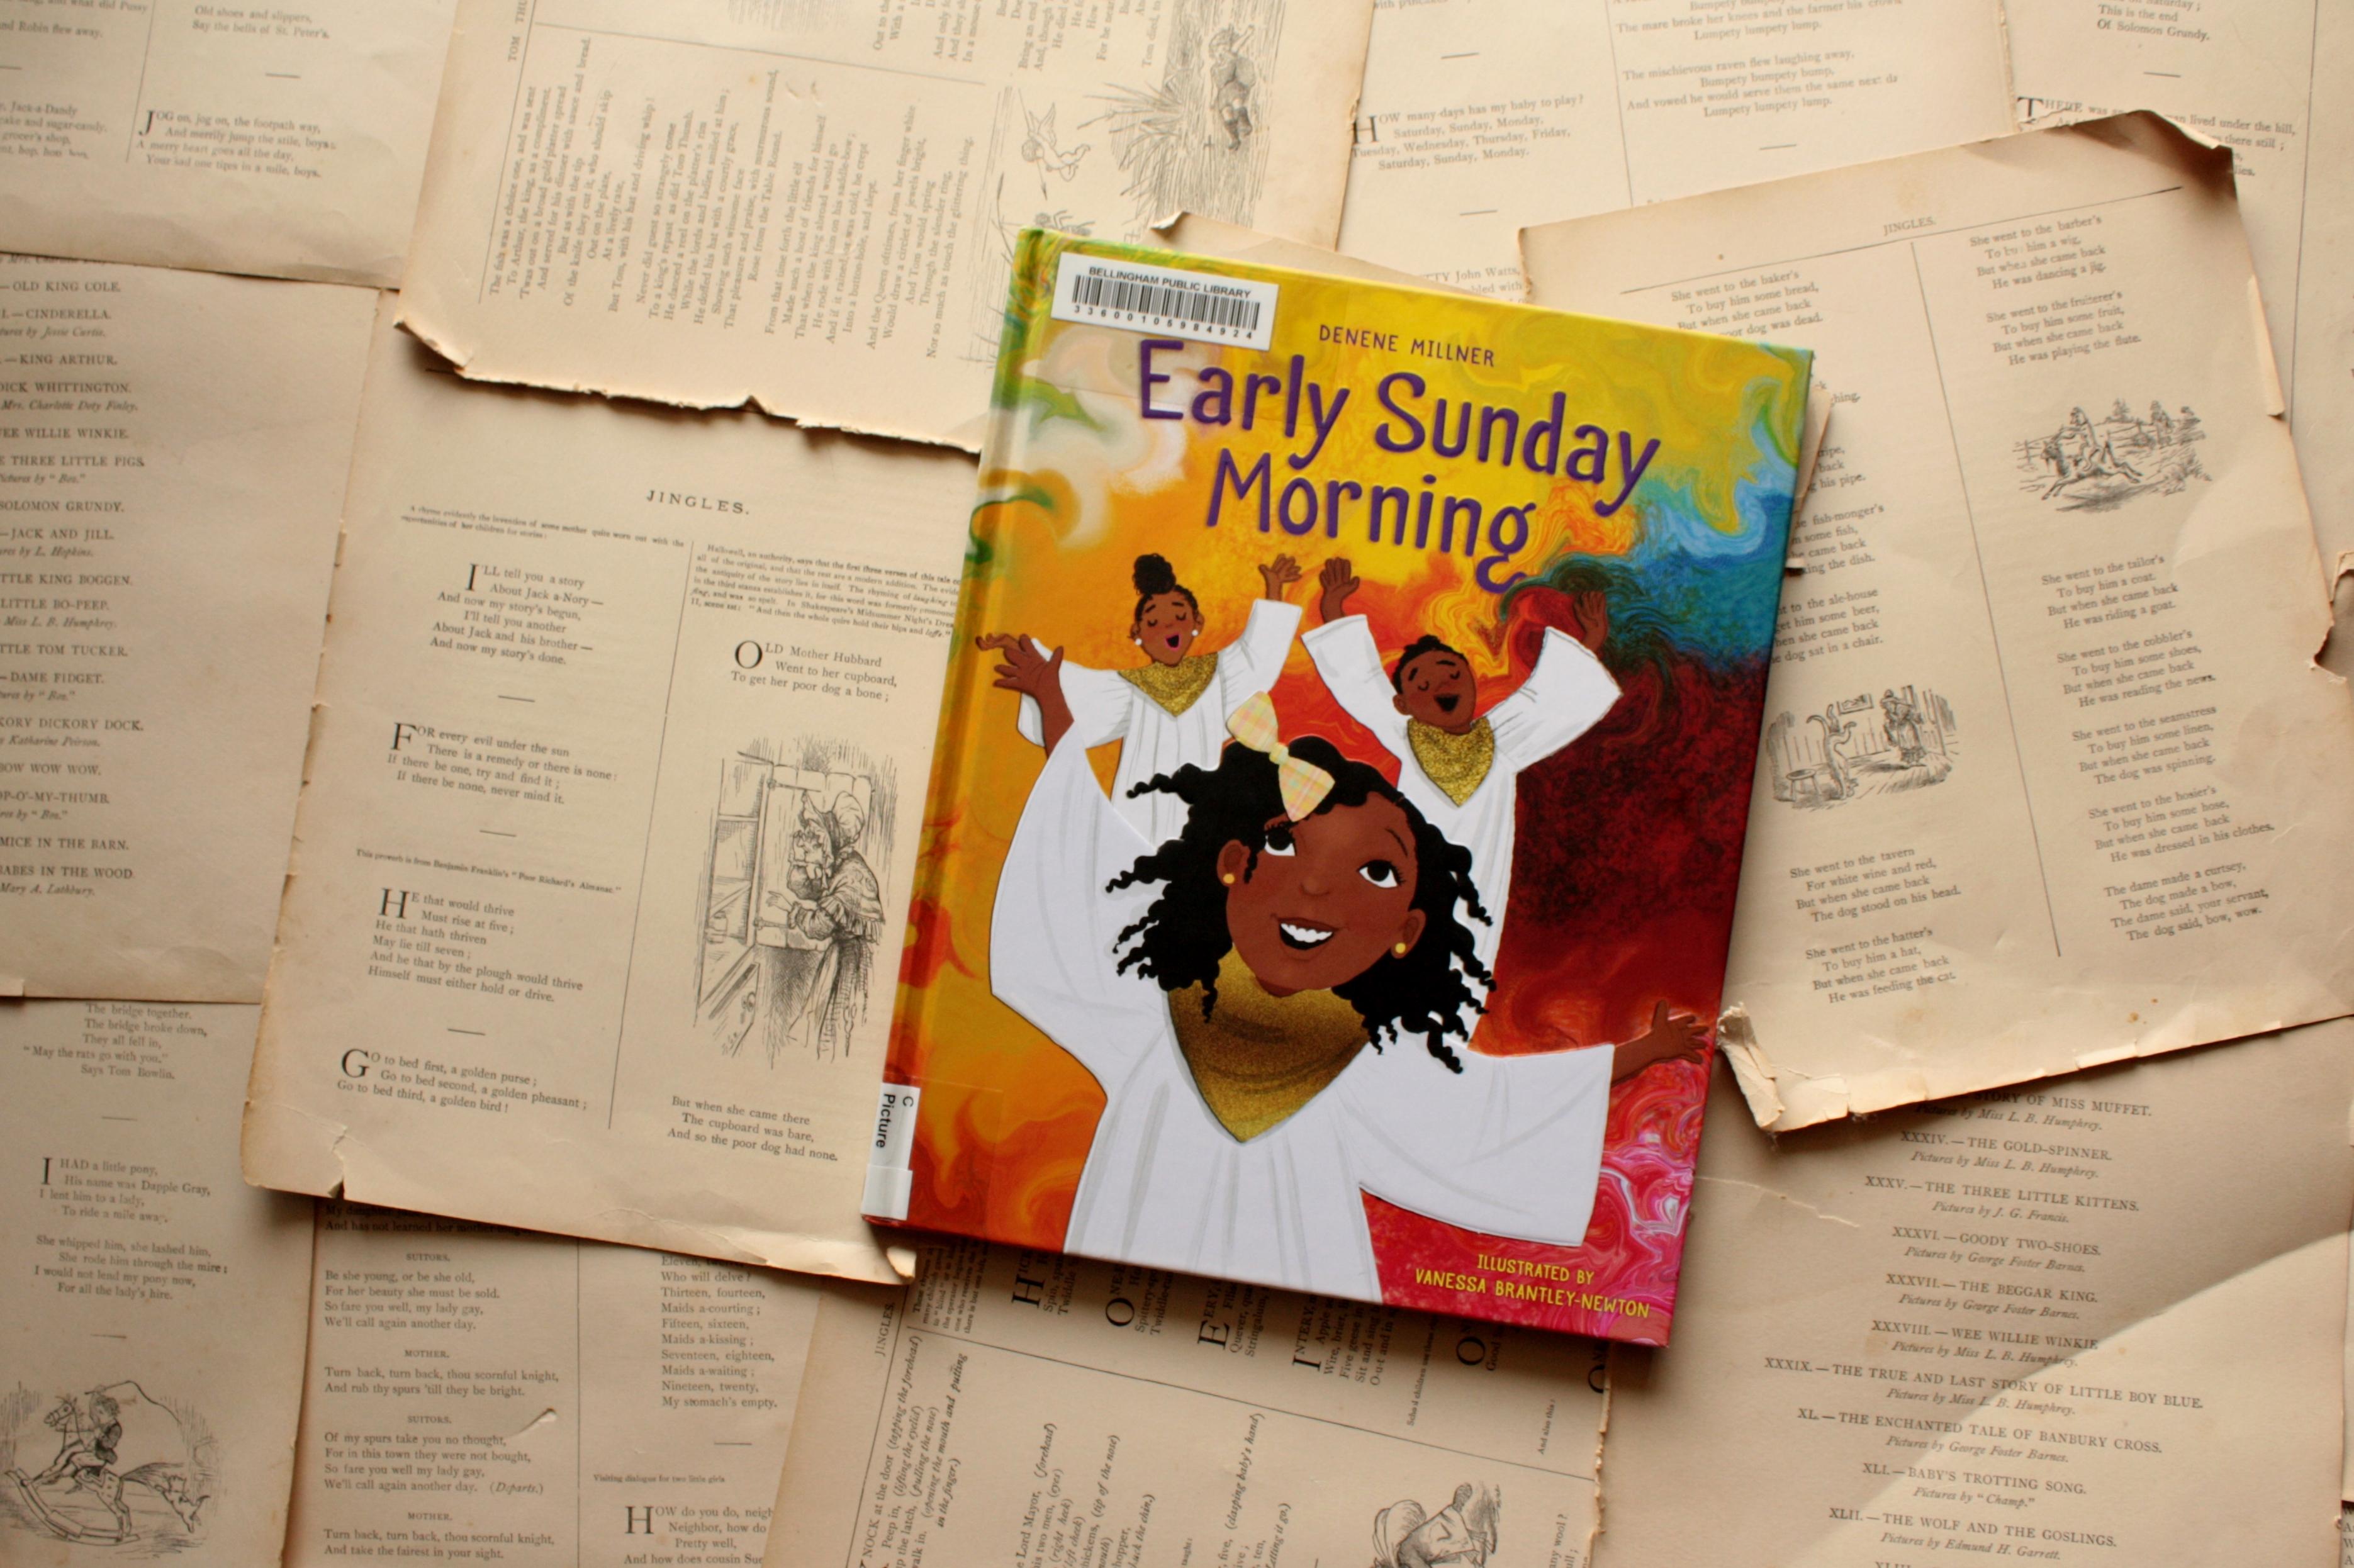 Early Sunday Morning   Denene Millner